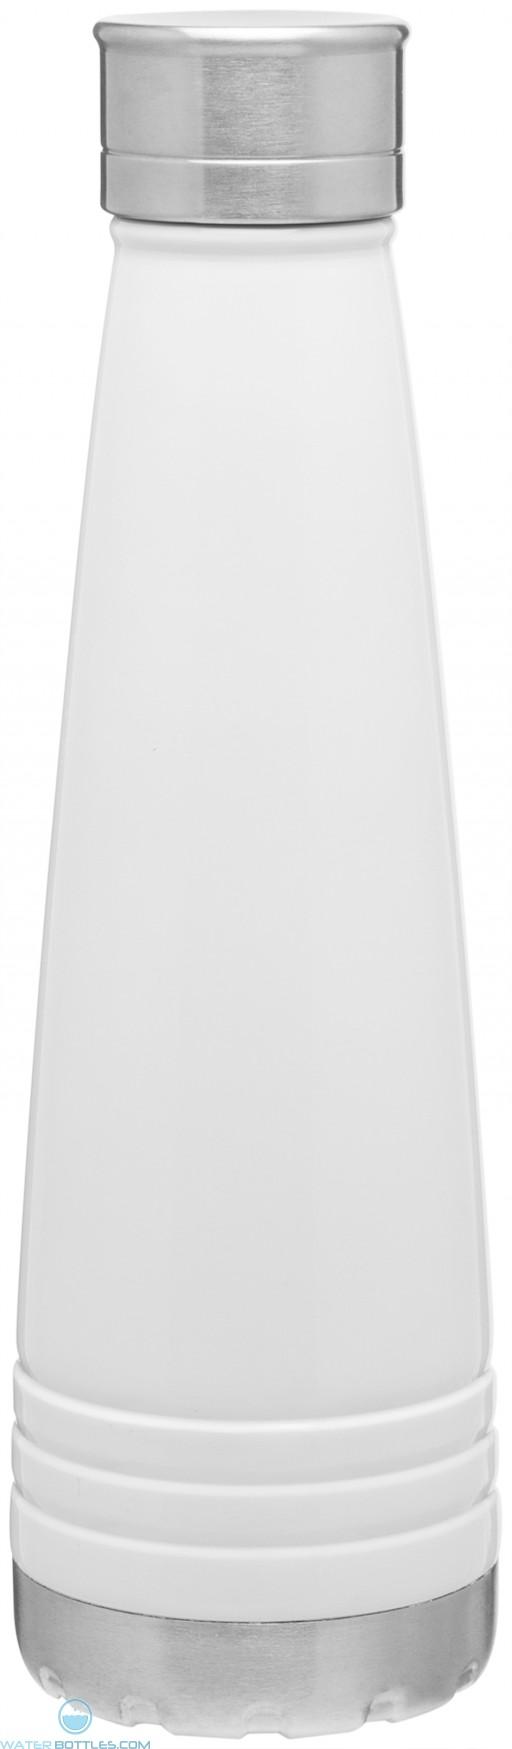 14 oz H2Go Swig Bottle_White_Blank